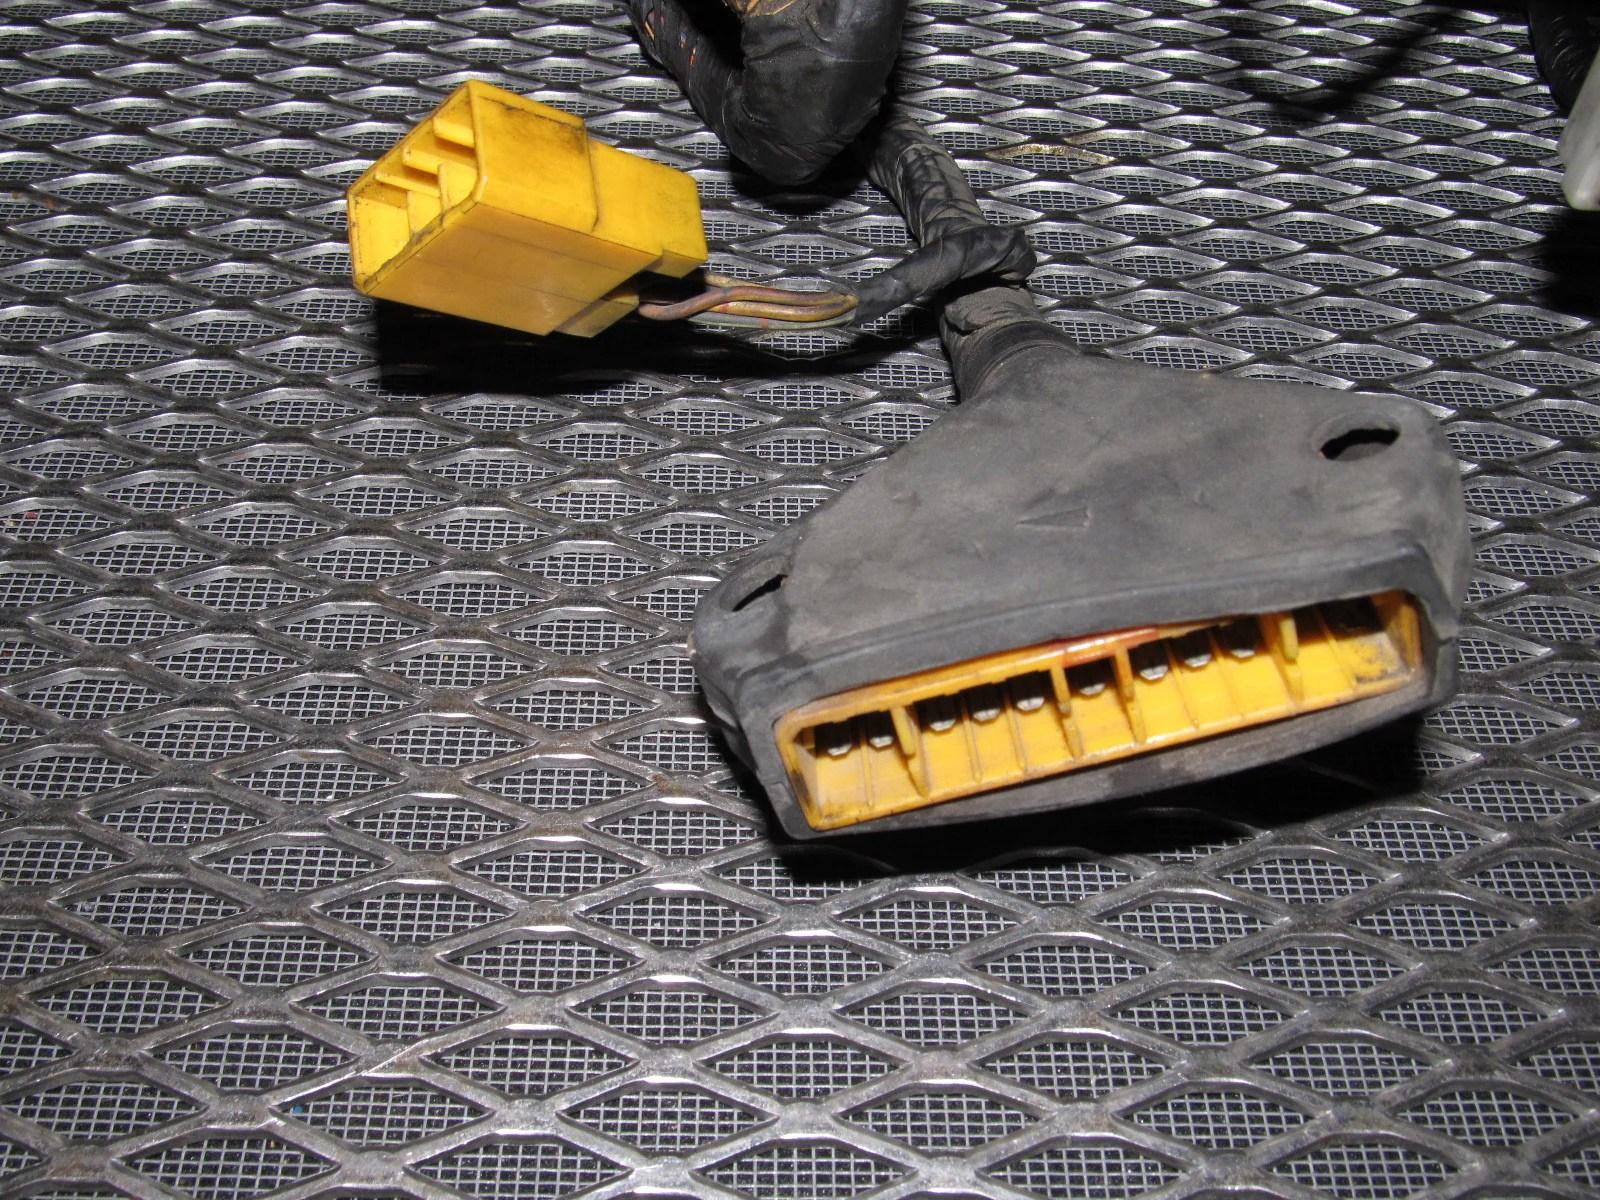 84 85 mazda rx7 oem 12a engine wiring harness m t  [ 1600 x 1200 Pixel ]